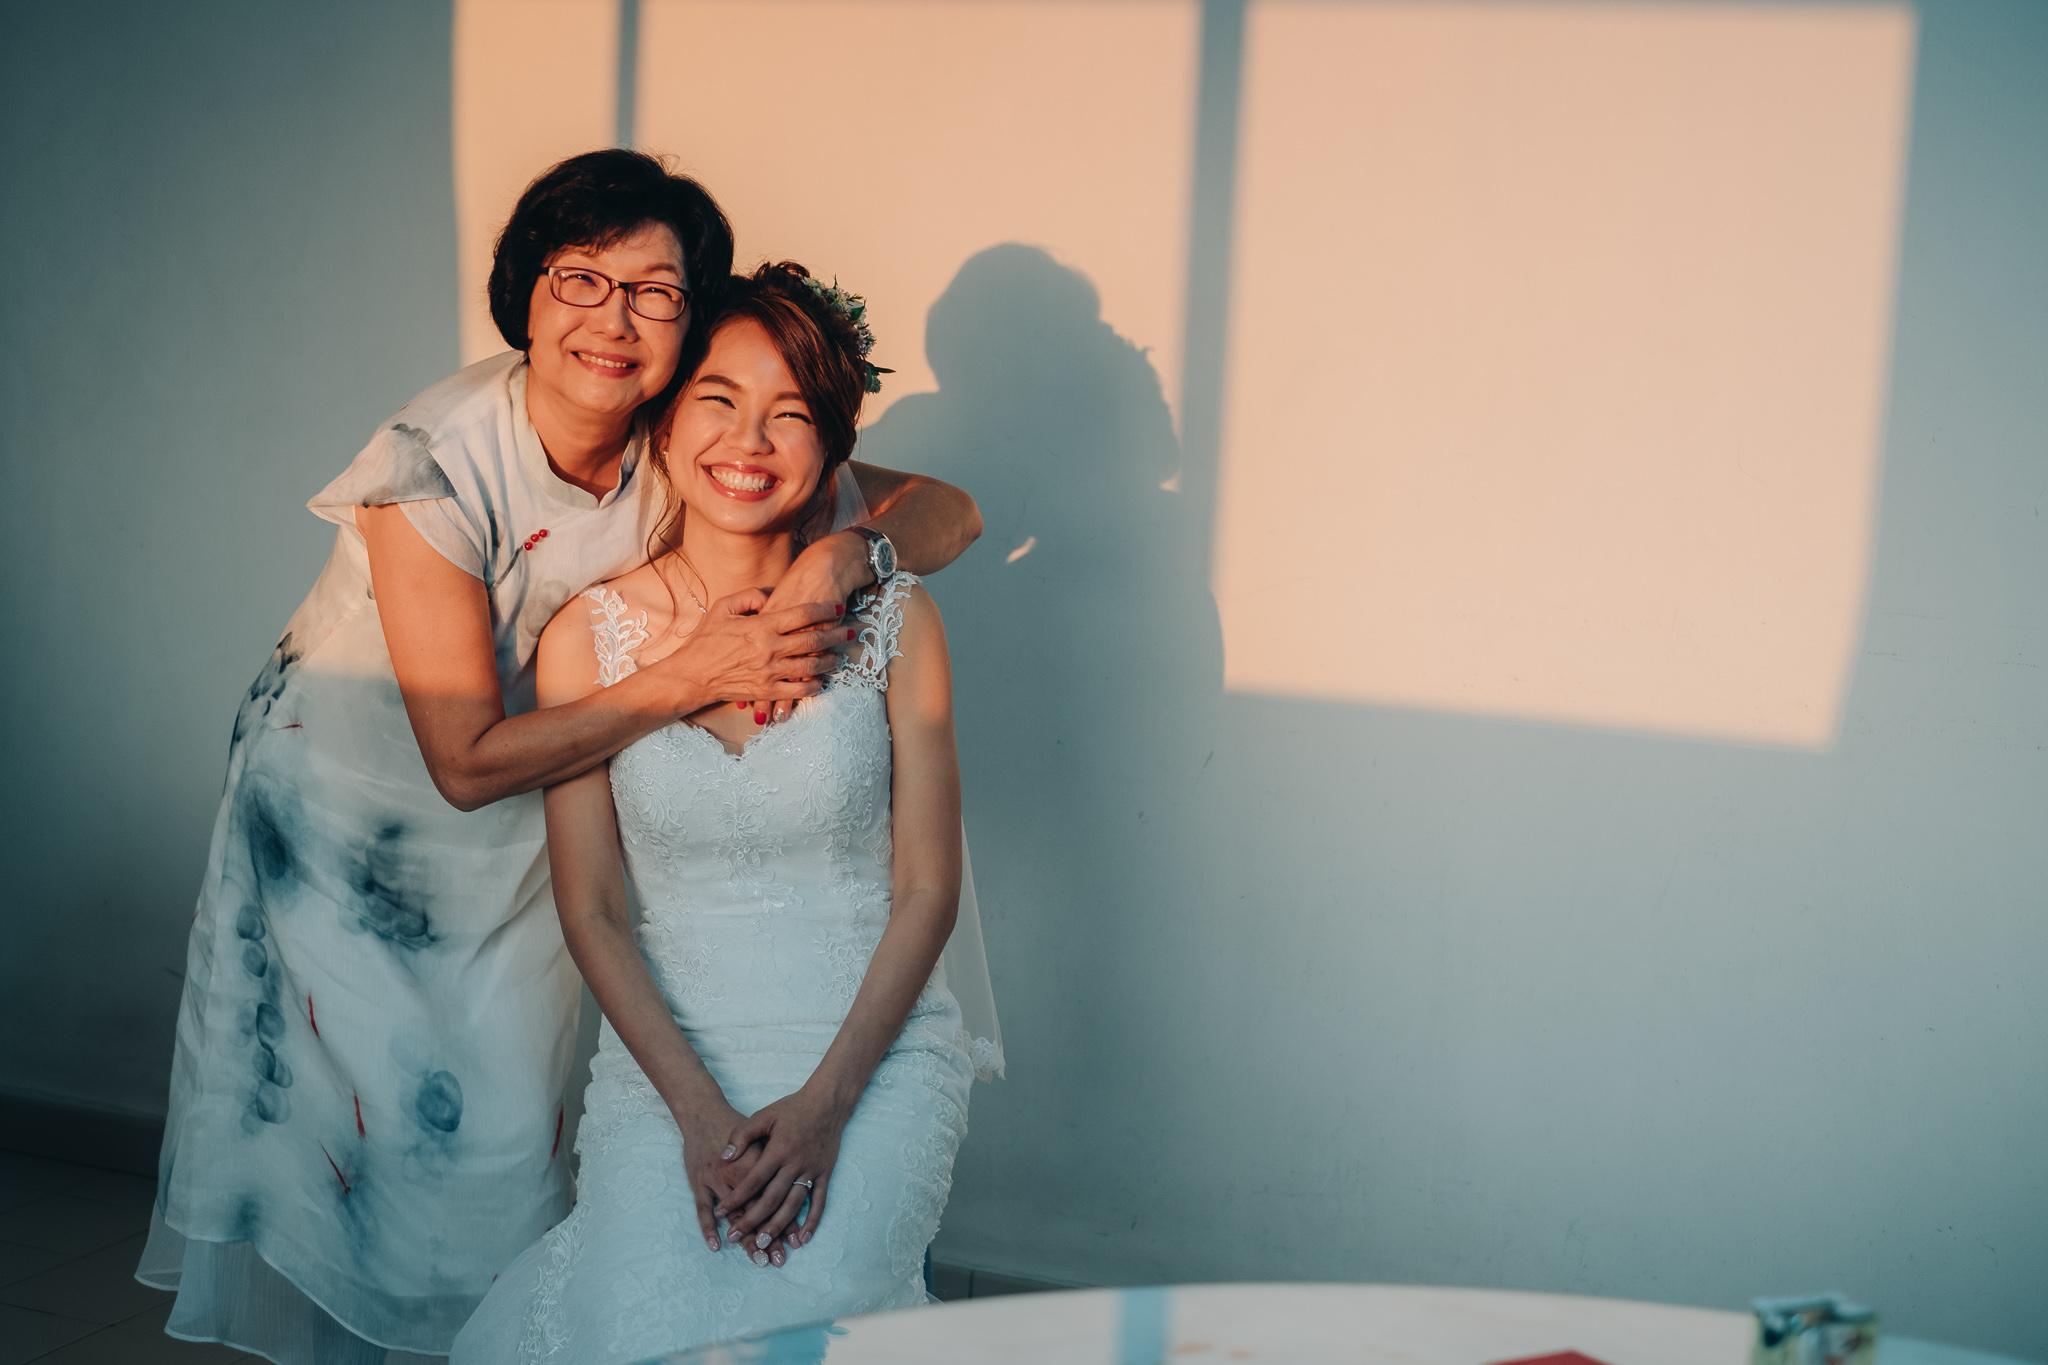 Jocelyn & Chris Wedding Day Highlights (resized for sharing) - 008.jpg